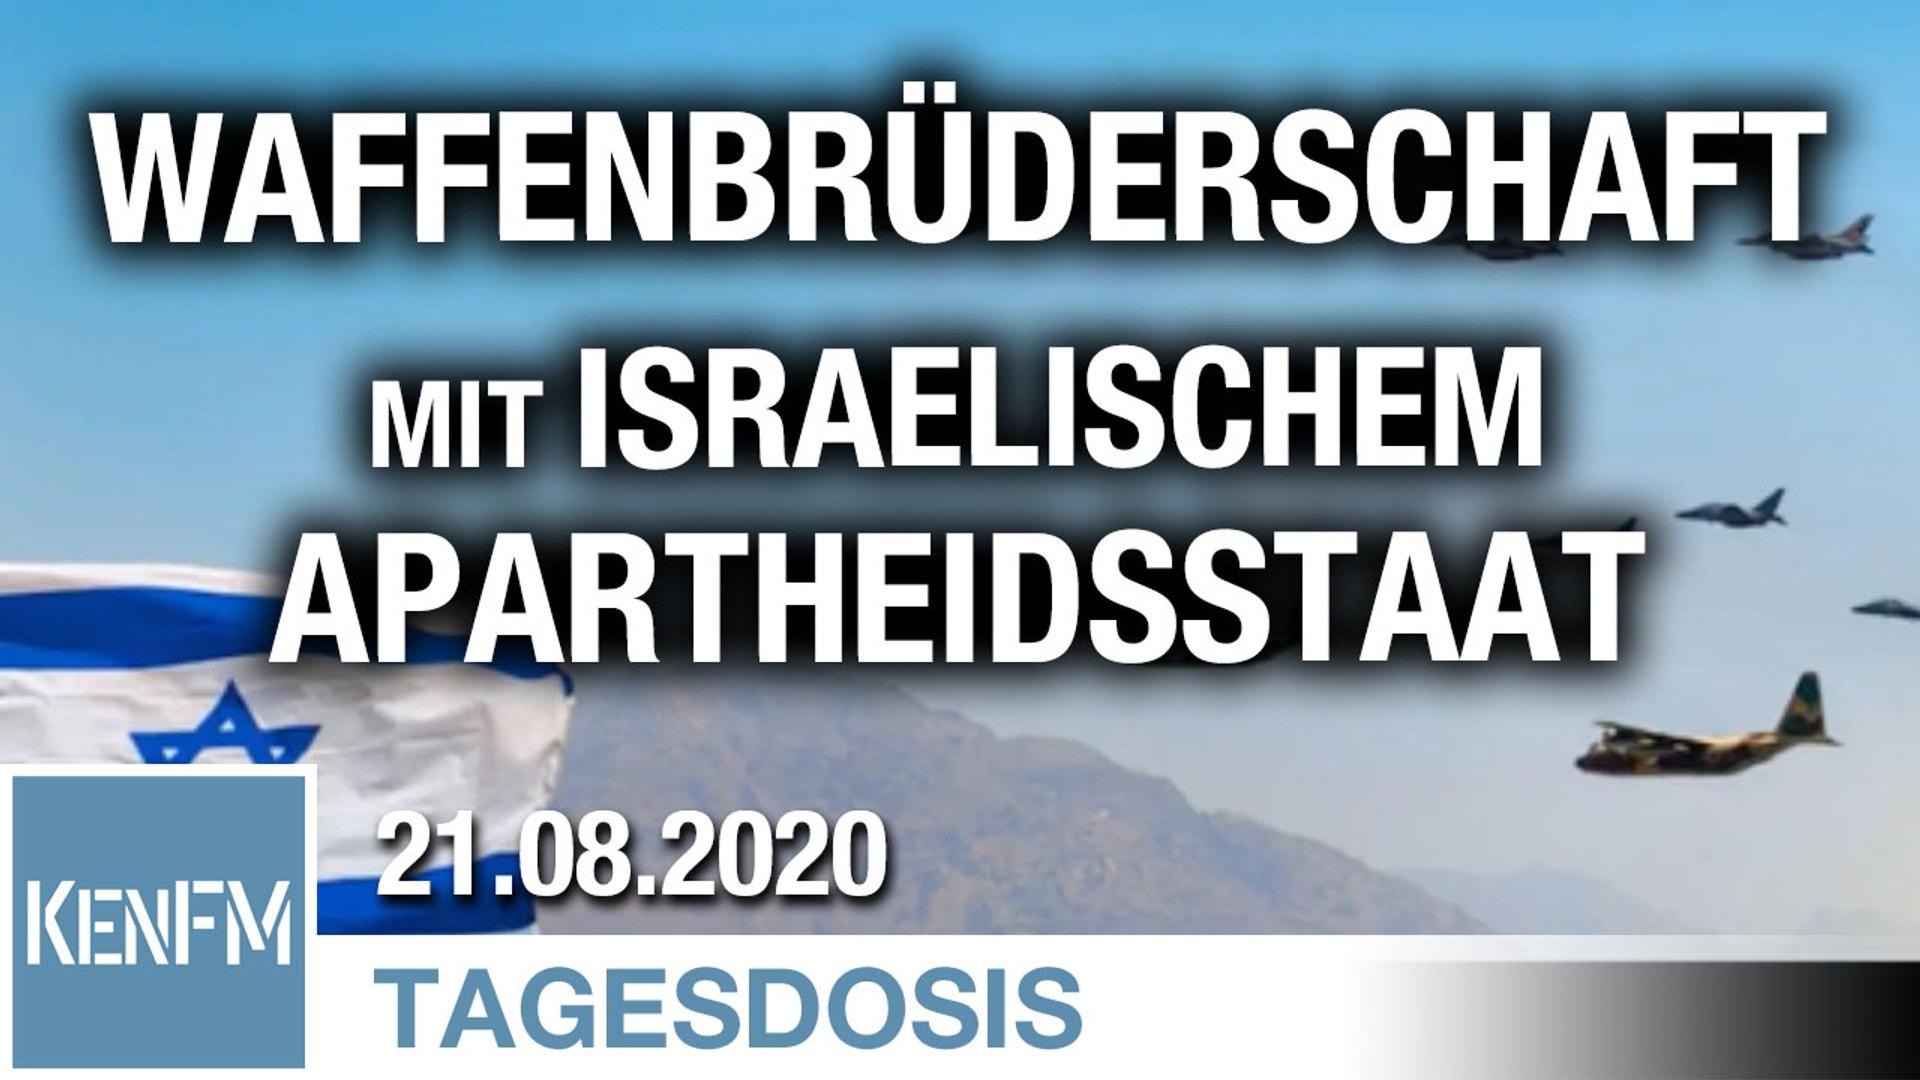 Waffenbrüderschaft mit israelischem Apartheidsstaat   Von Rainer Rupp